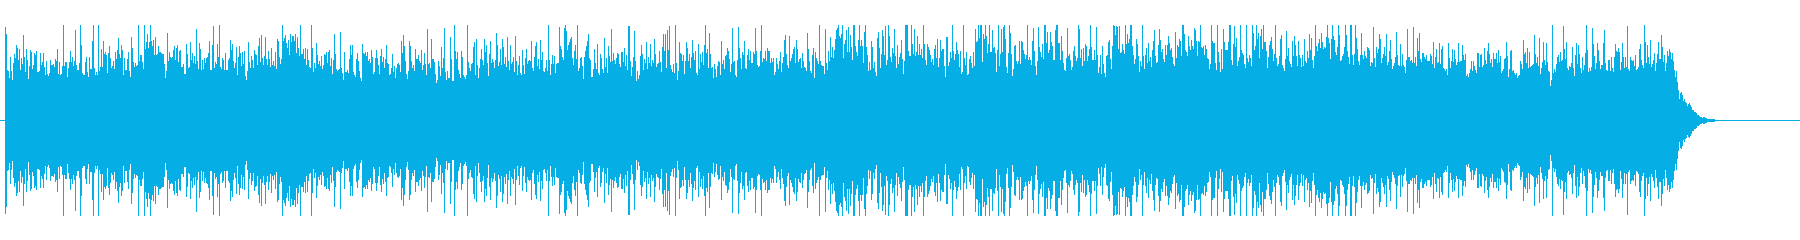 おしゃれでエレクトロポップなループBGMの再生済みの波形